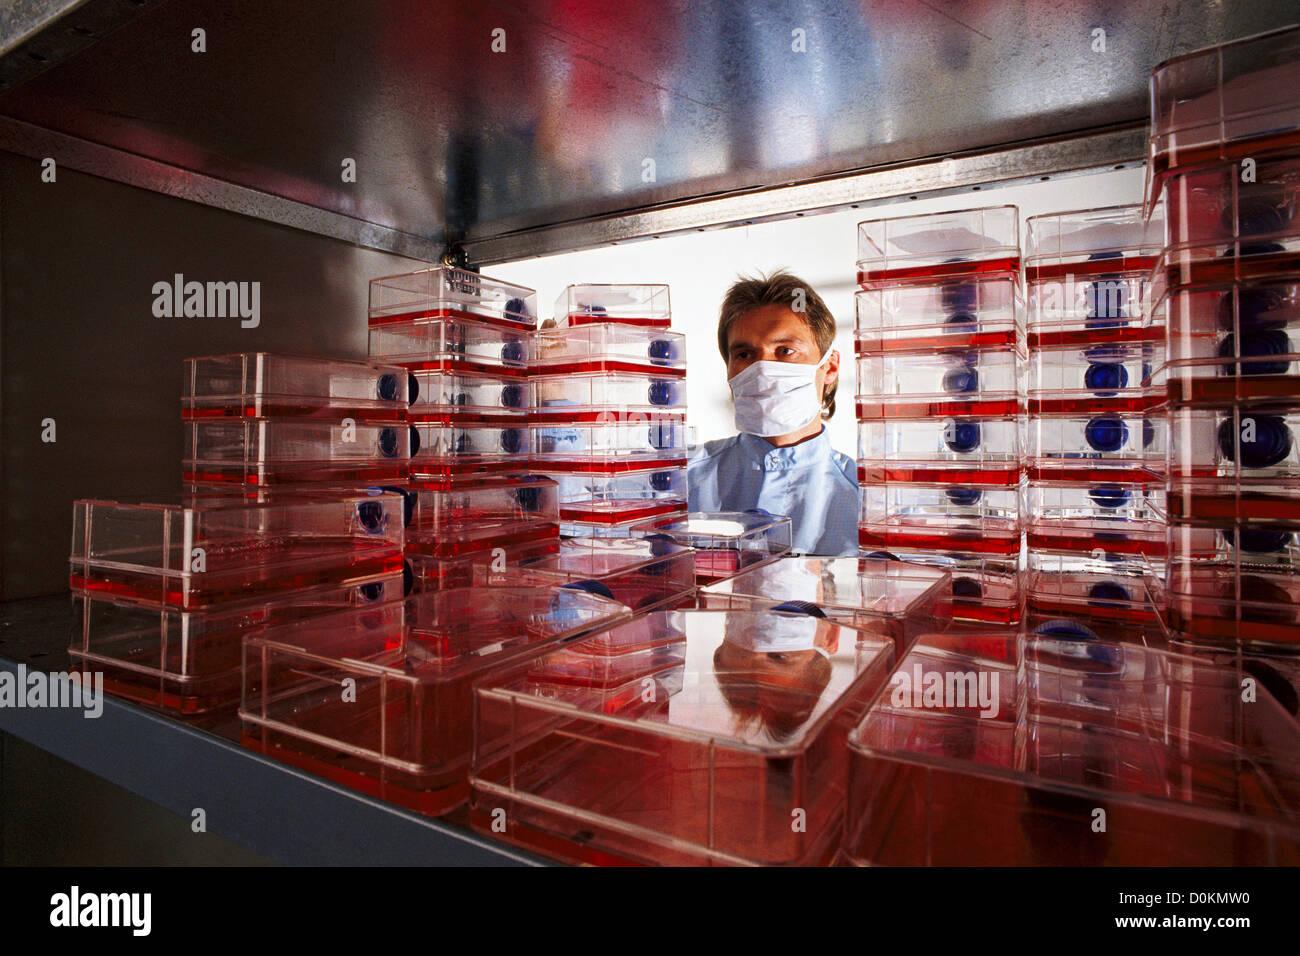 Ein Techniker überprüft Kulturen von gentechnisch veränderter Mikroorganismen. Stockbild